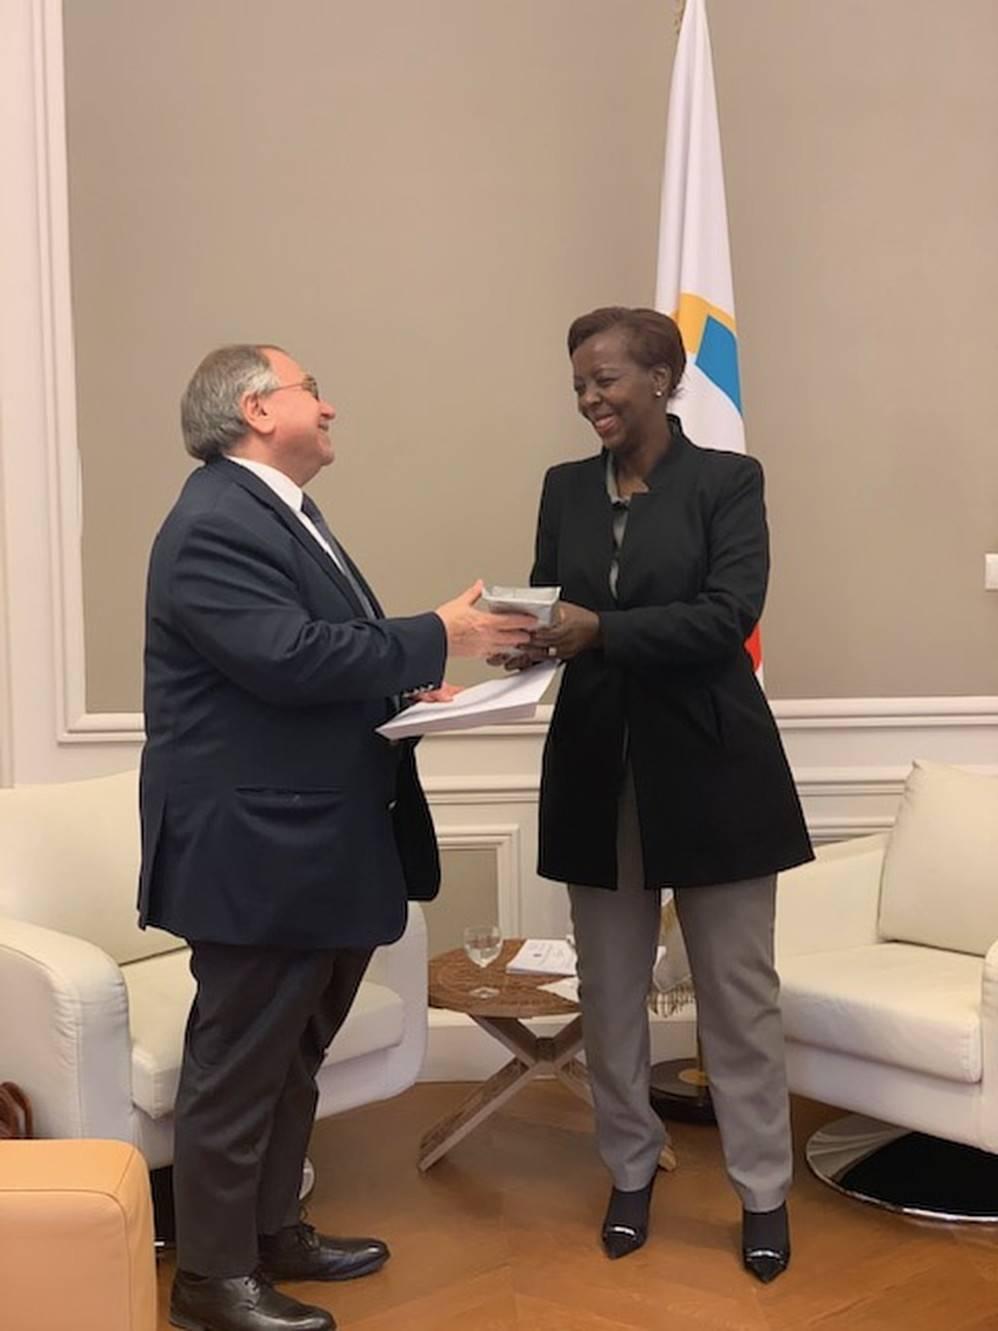 ՖՄԿ-ում ՀՀ ներկայացուցչի և ՖՄԿ Գլխավոր քարտուղարի հանդիպումը